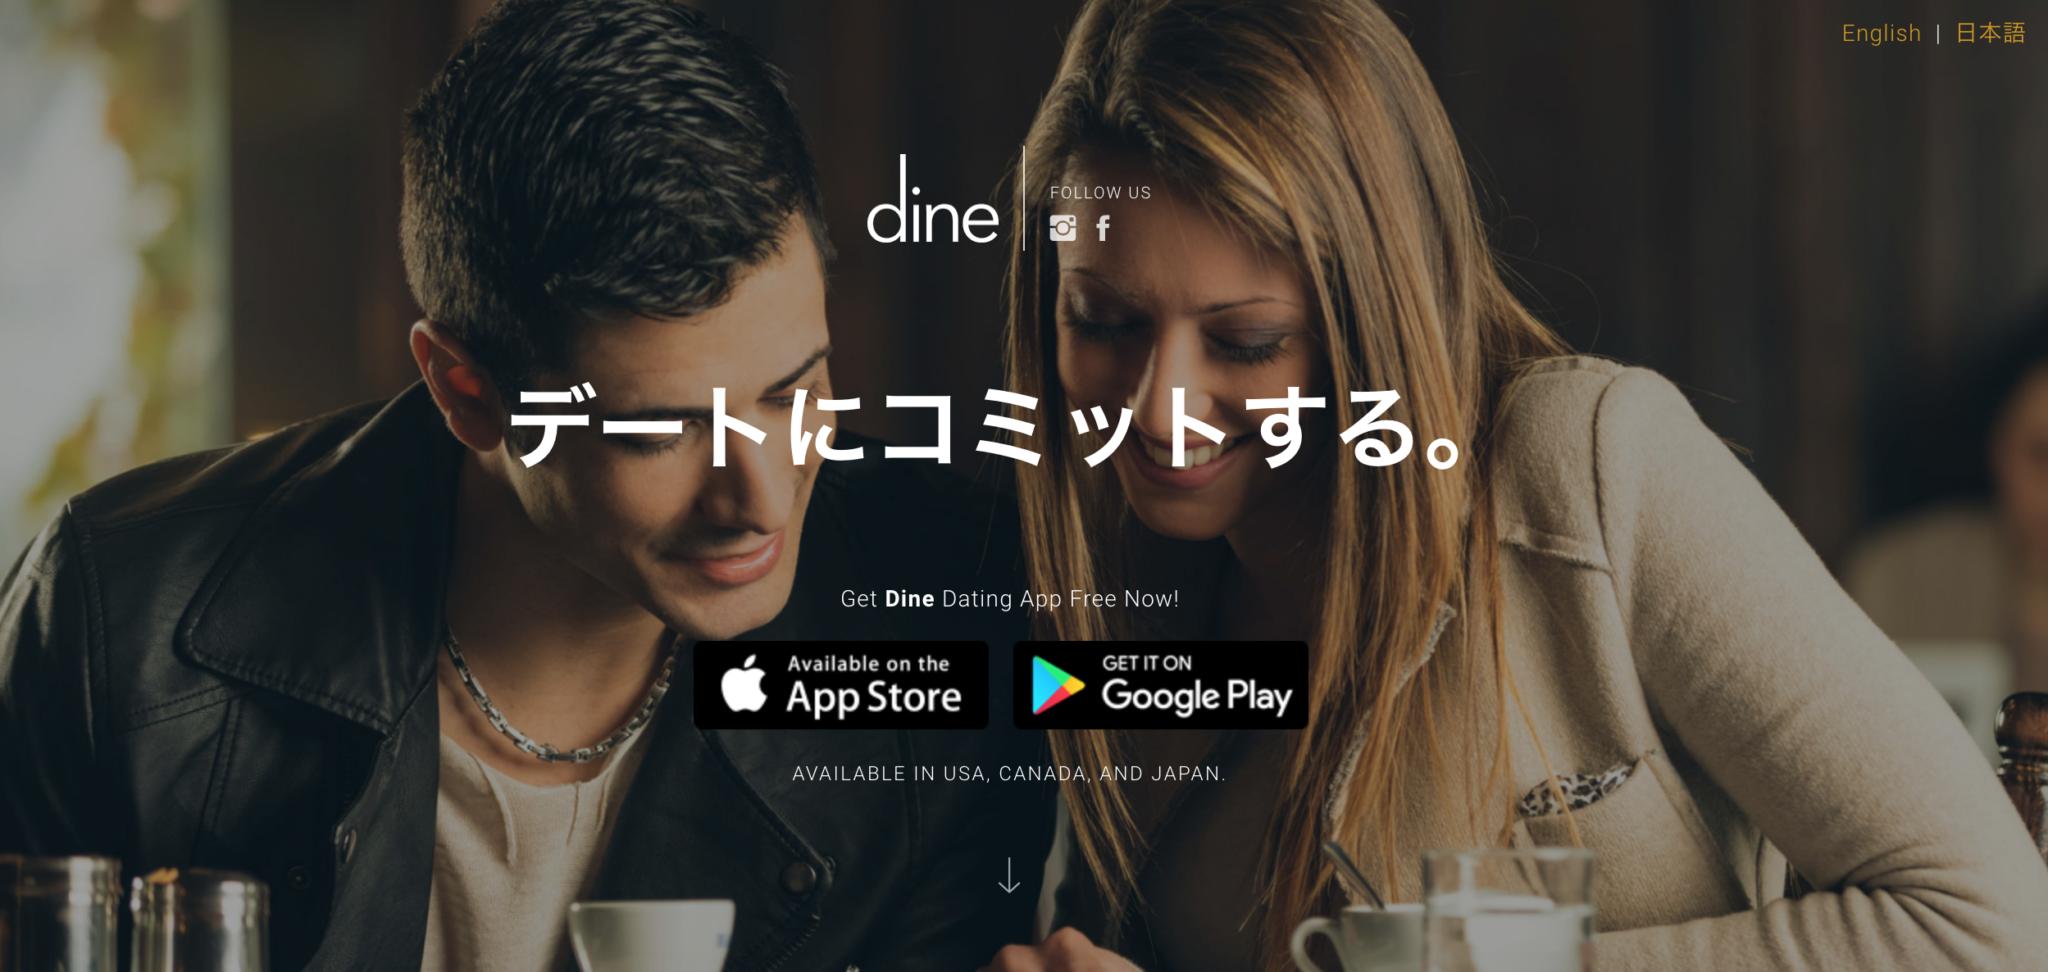 ダイン(dine)はパパ活に使える?ダイン(dine)の使い方とは?